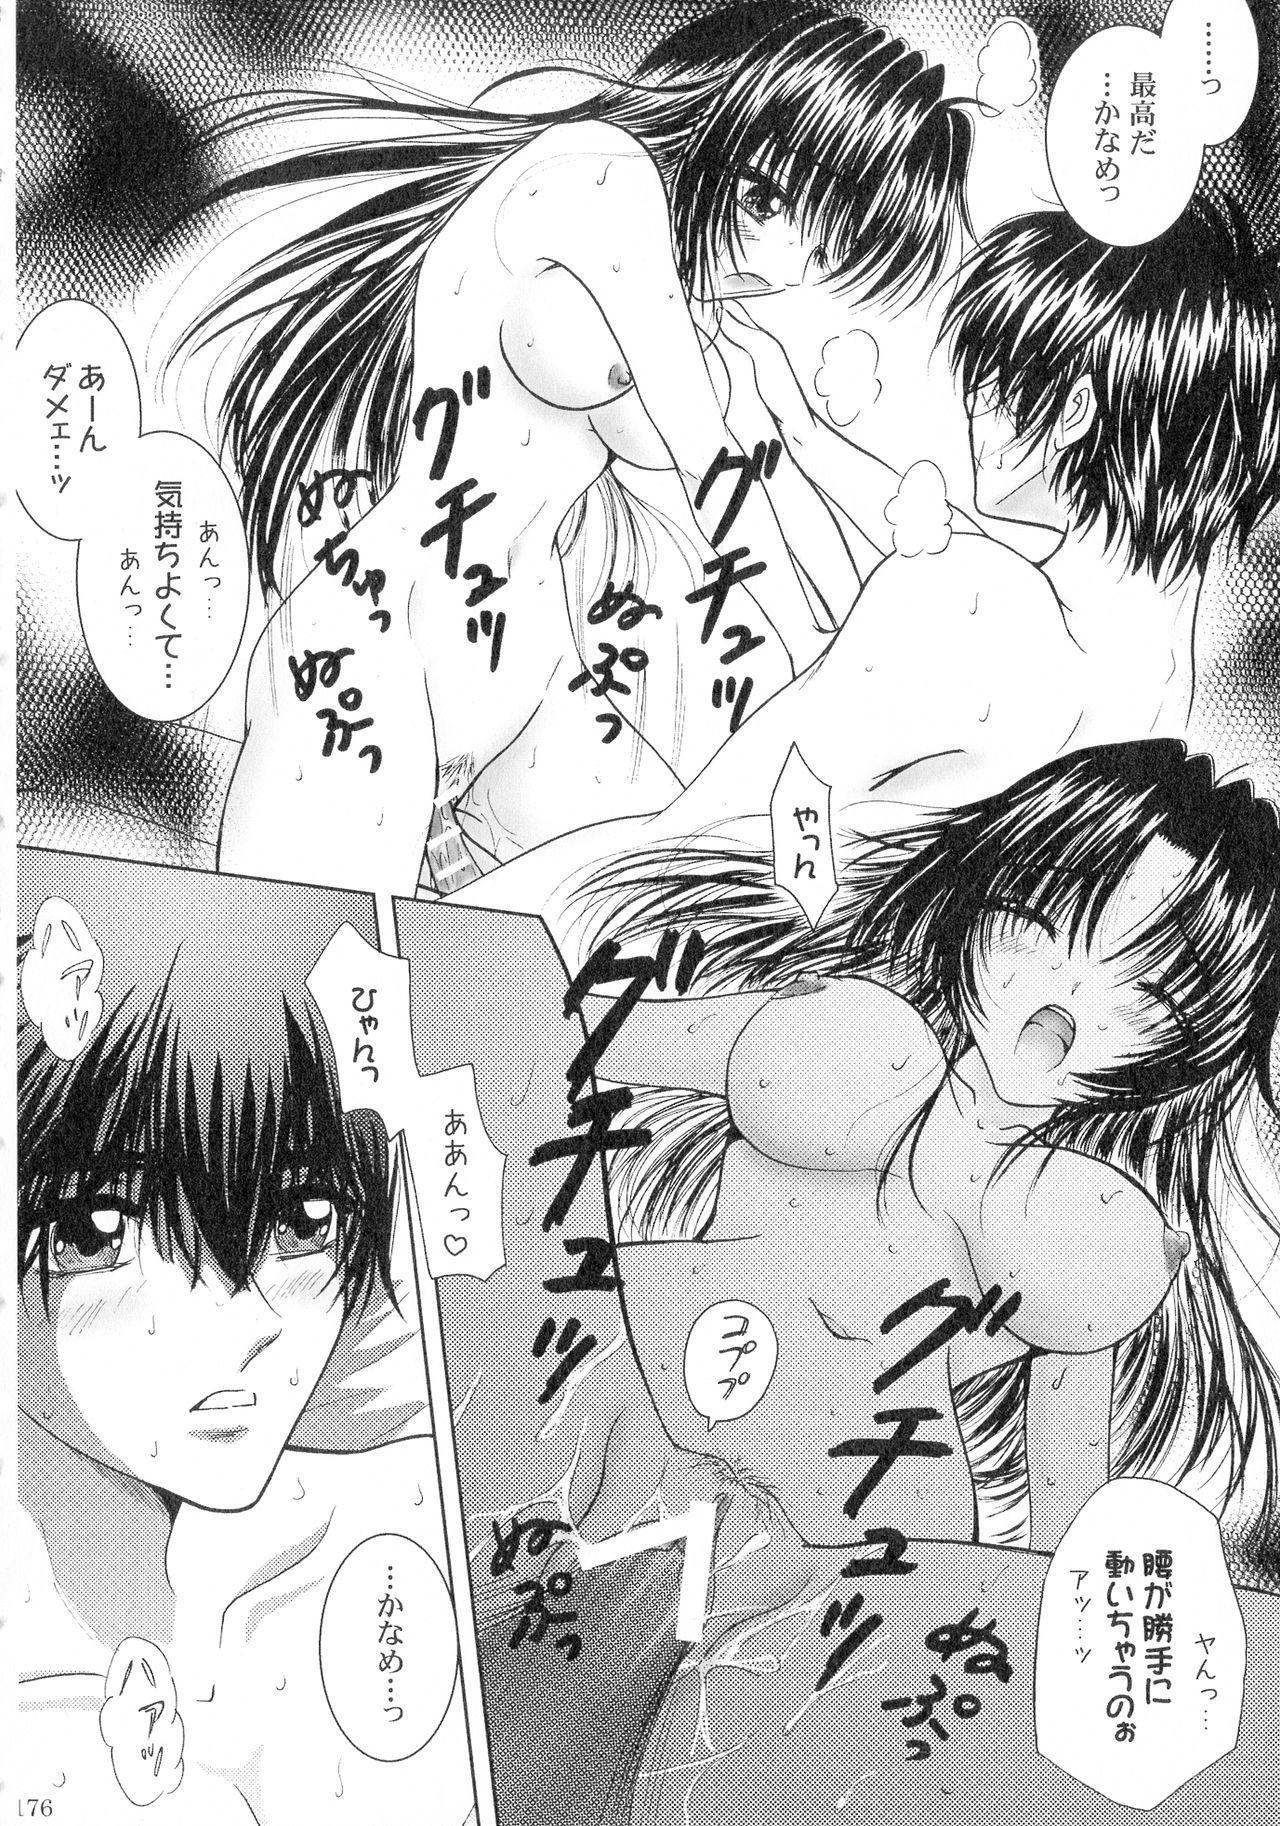 SEXY PANIC Sairoku-shuu VOL.3 174